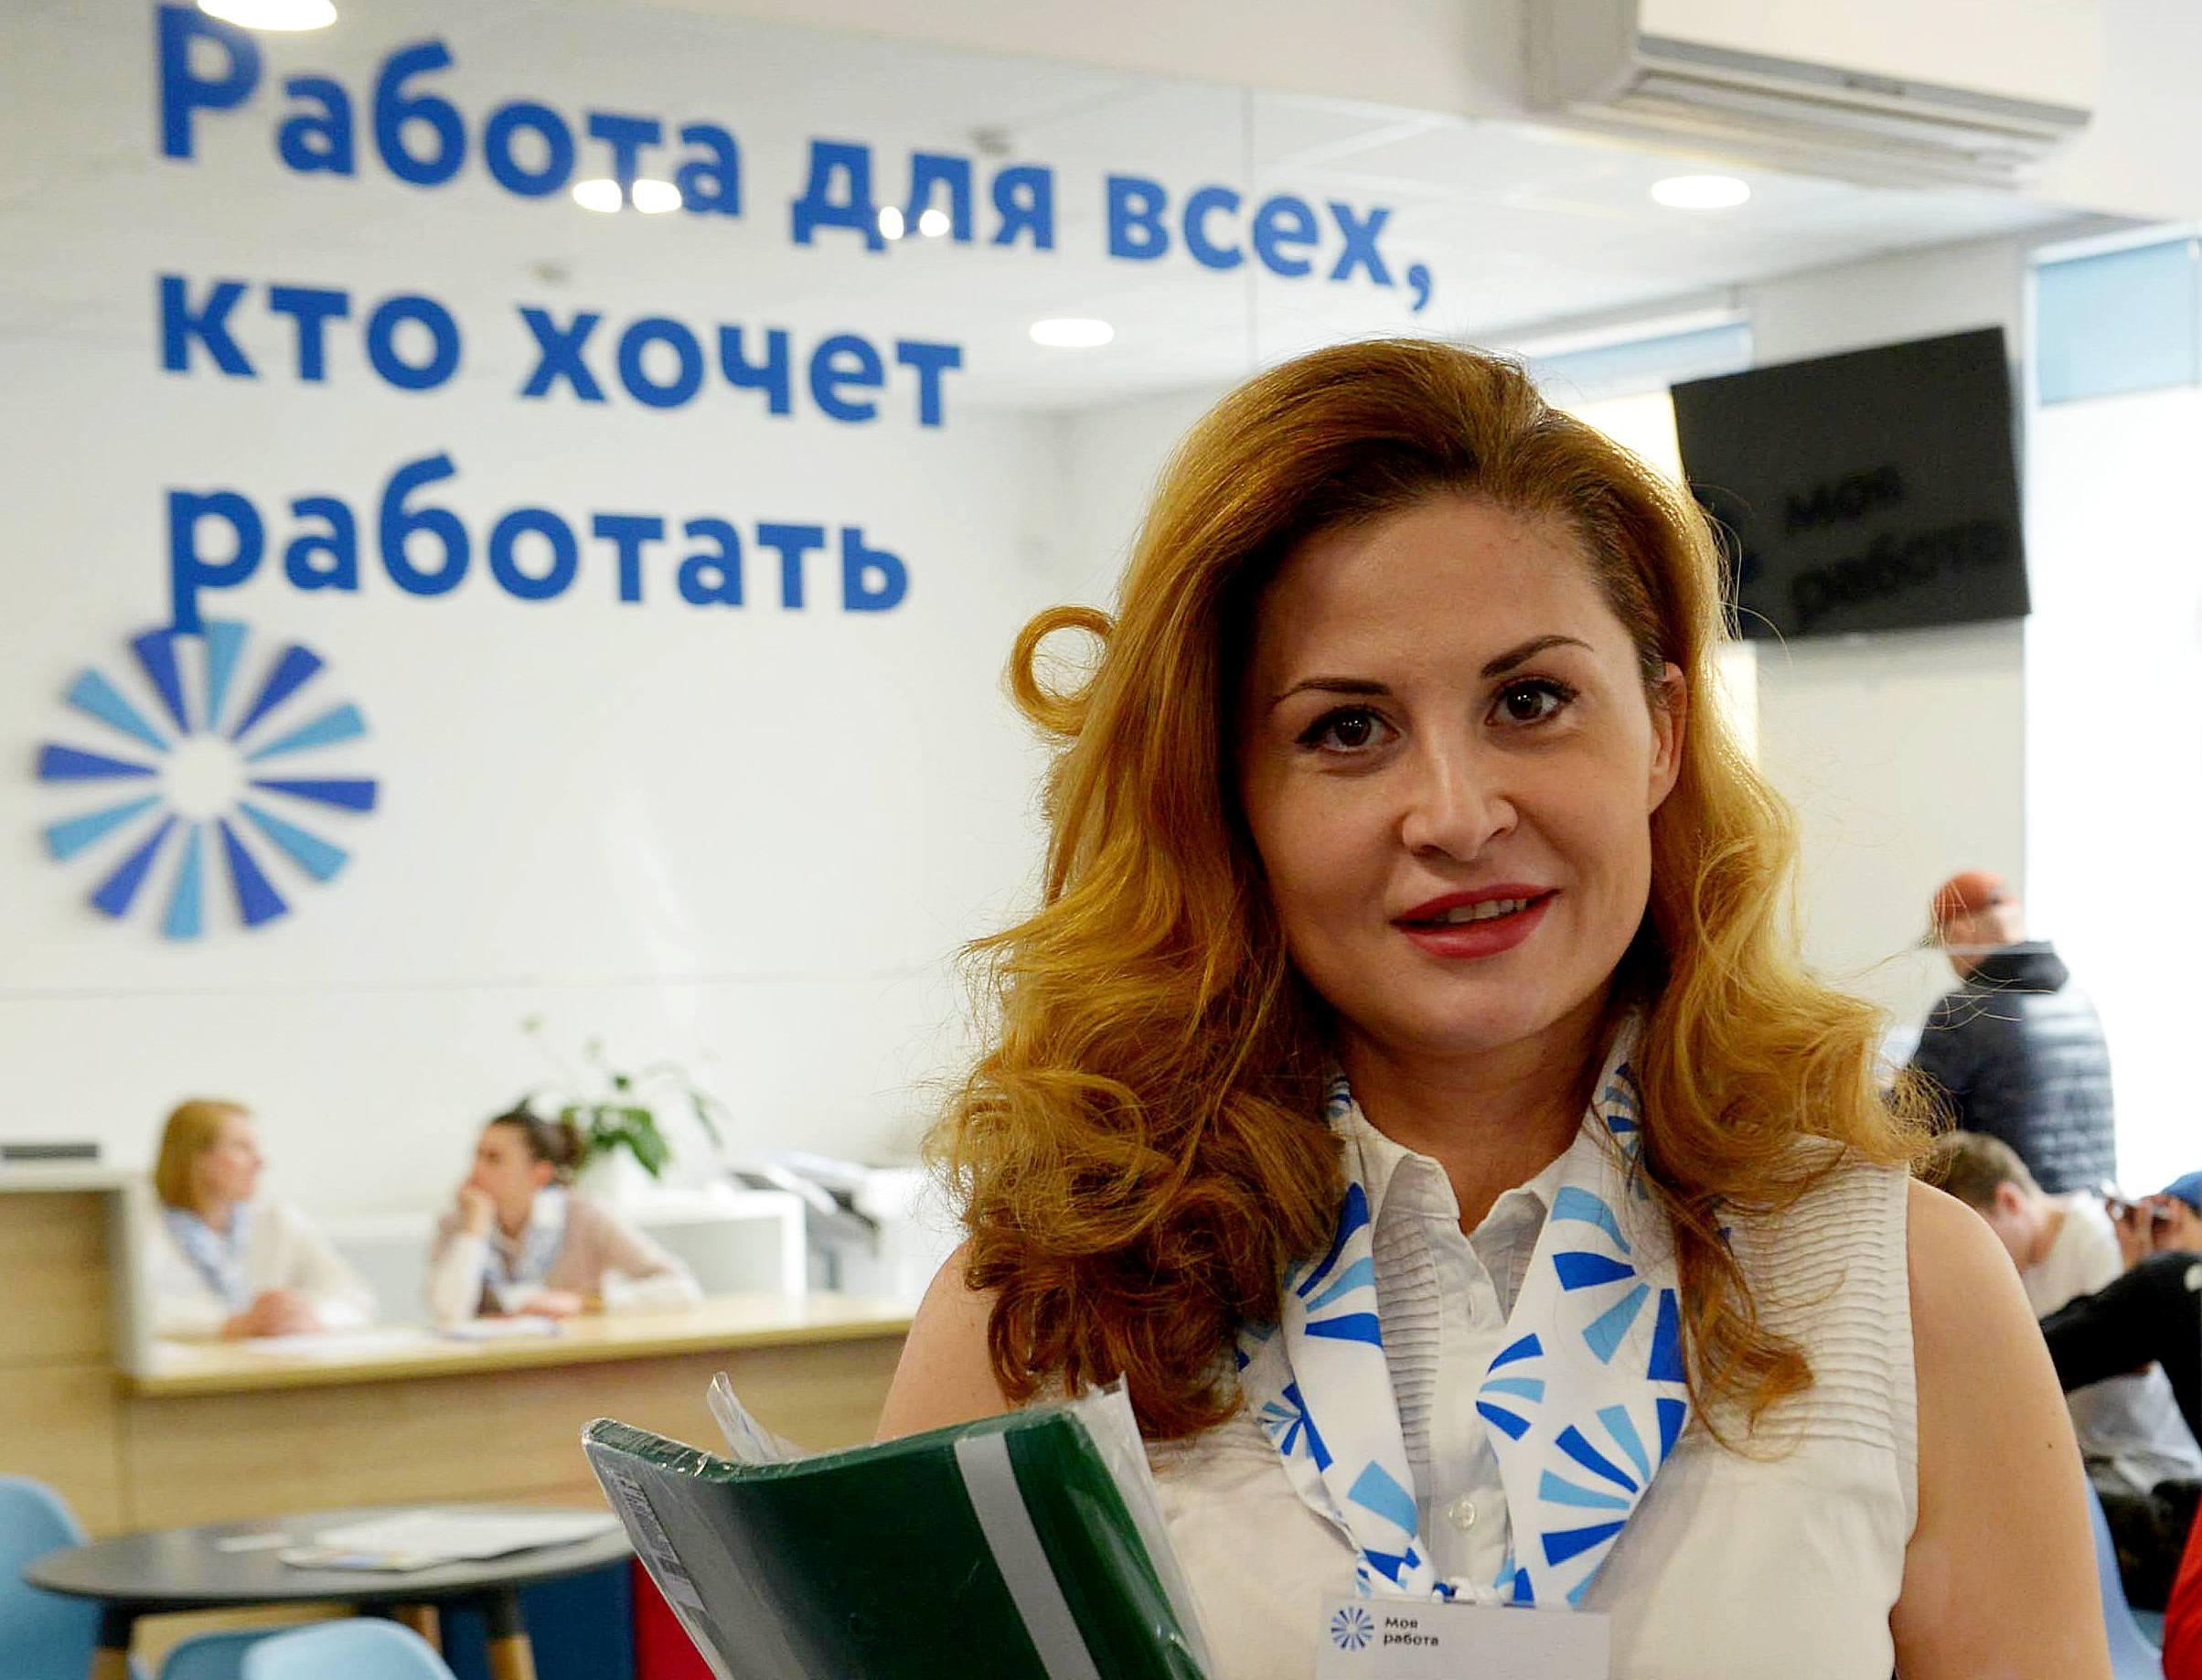 Москвичкам с детьми найдут работу в центре занятости «Моя карьера»